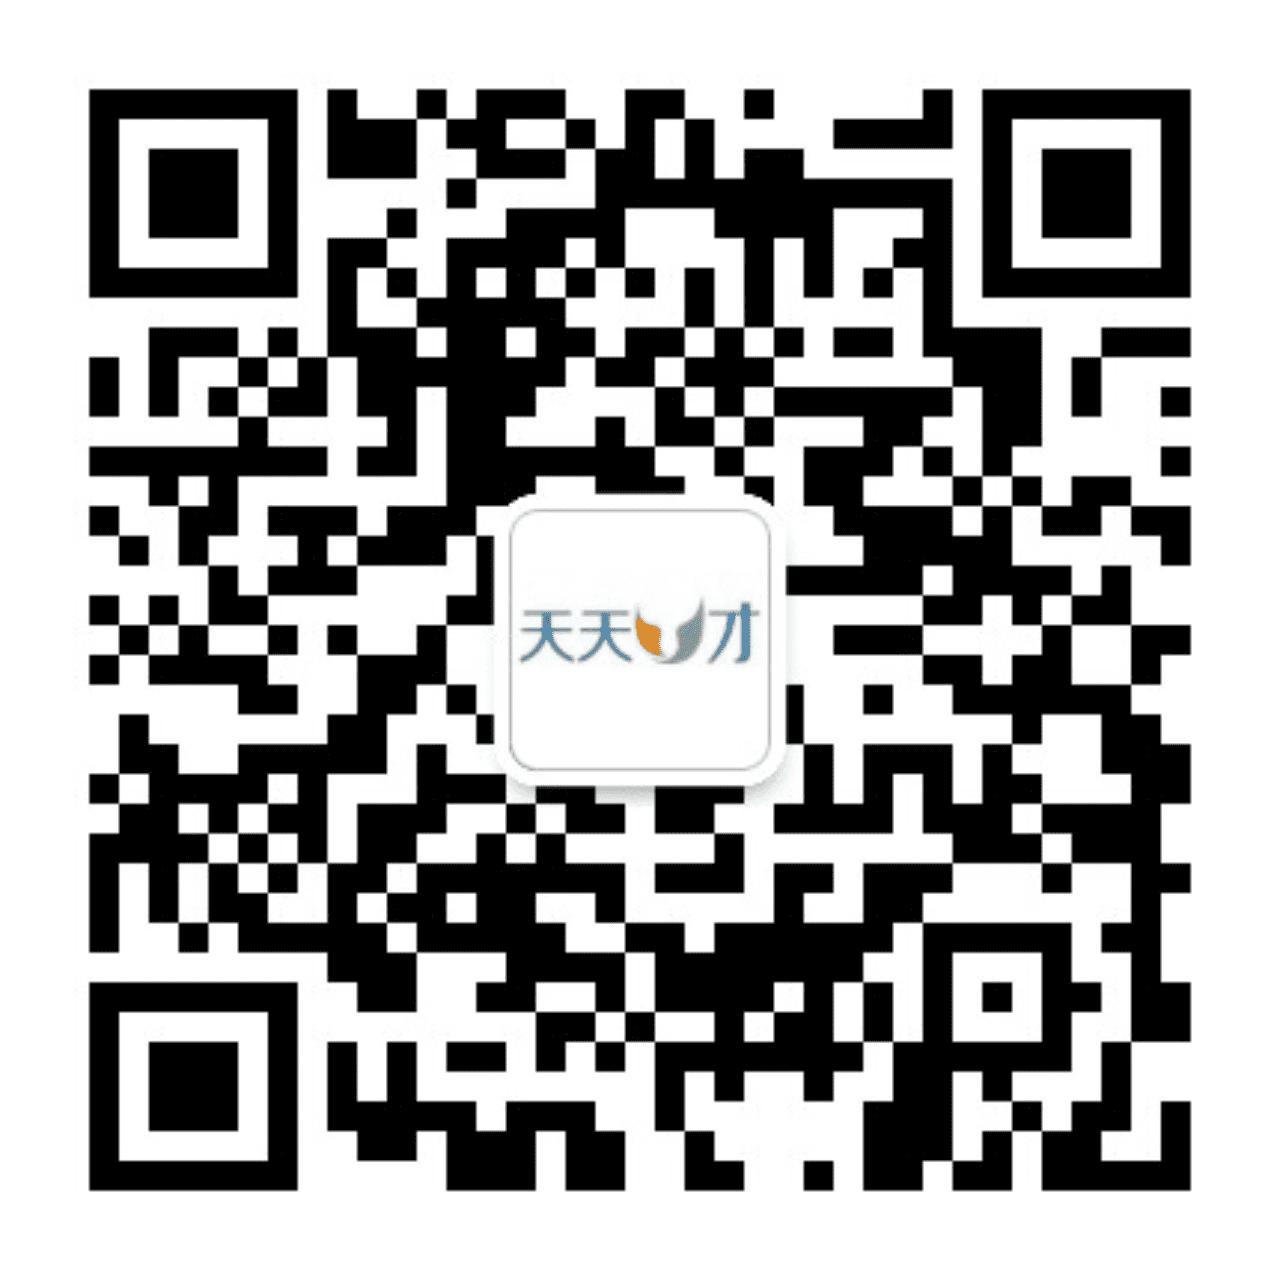 求職平jiao)>  </dd> </dl> </div> <!--human - end--> </div></content><footer id=